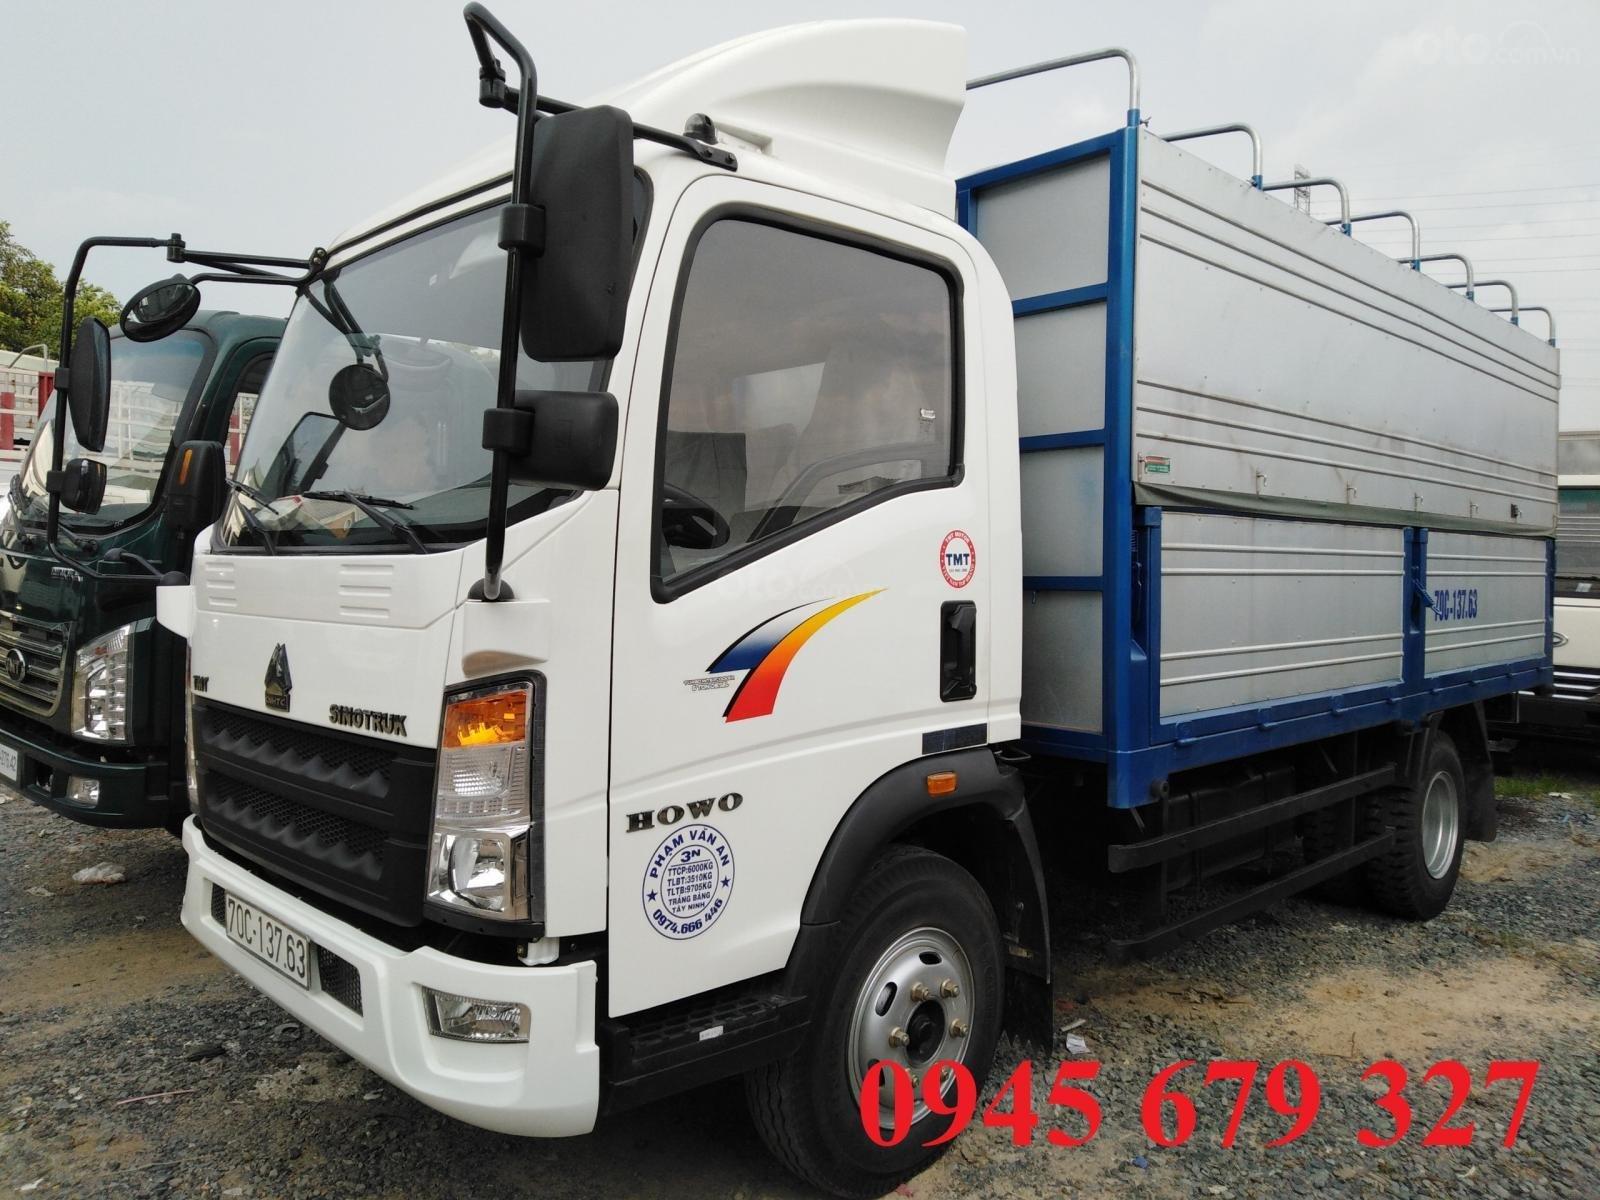 Thanh lý  xe tải Howo 6T, máy Isuzu ga cơ giá rẻ trảgóp (2)